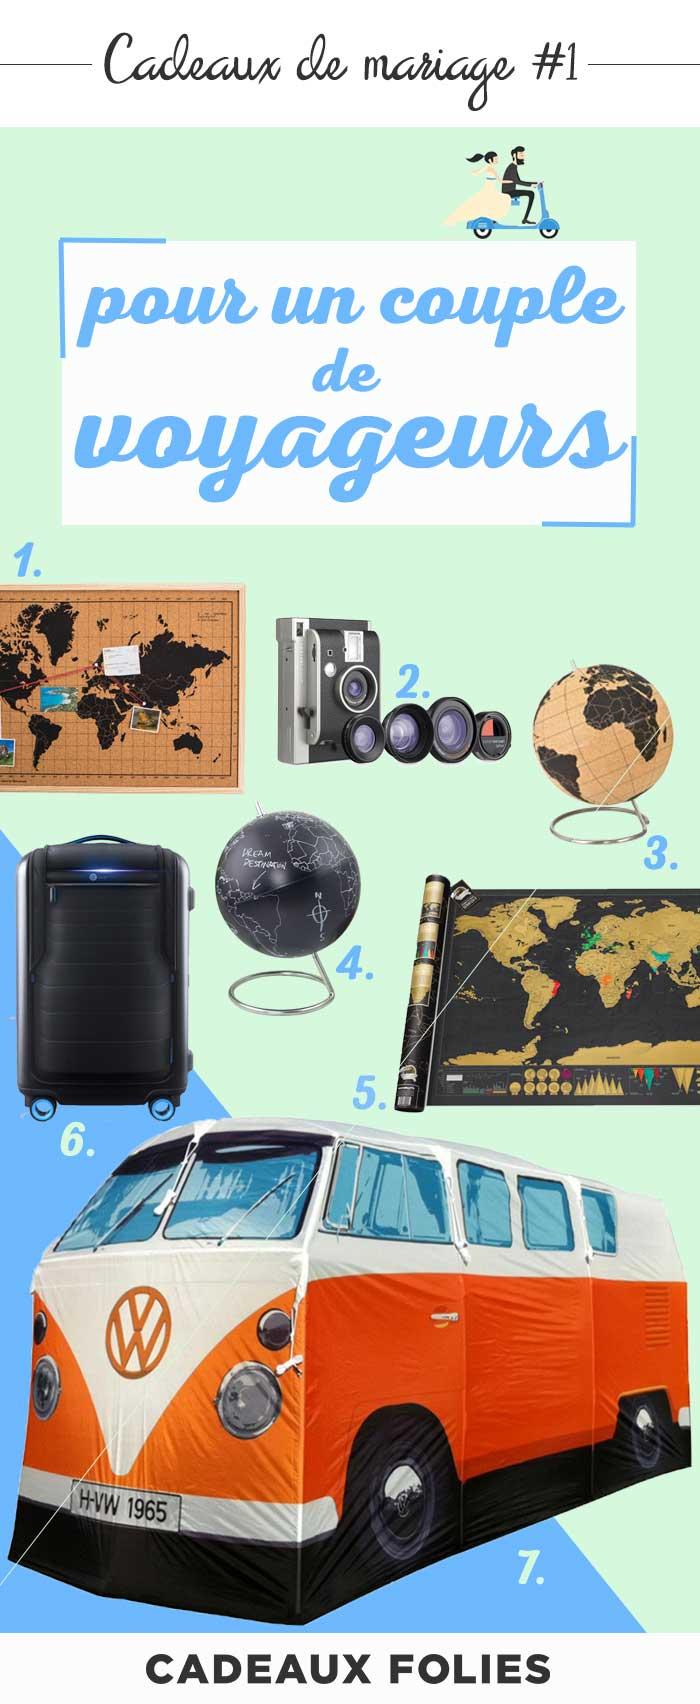 cadeau mariage 7 cadeaux pour un couple de voyageurs. Black Bedroom Furniture Sets. Home Design Ideas